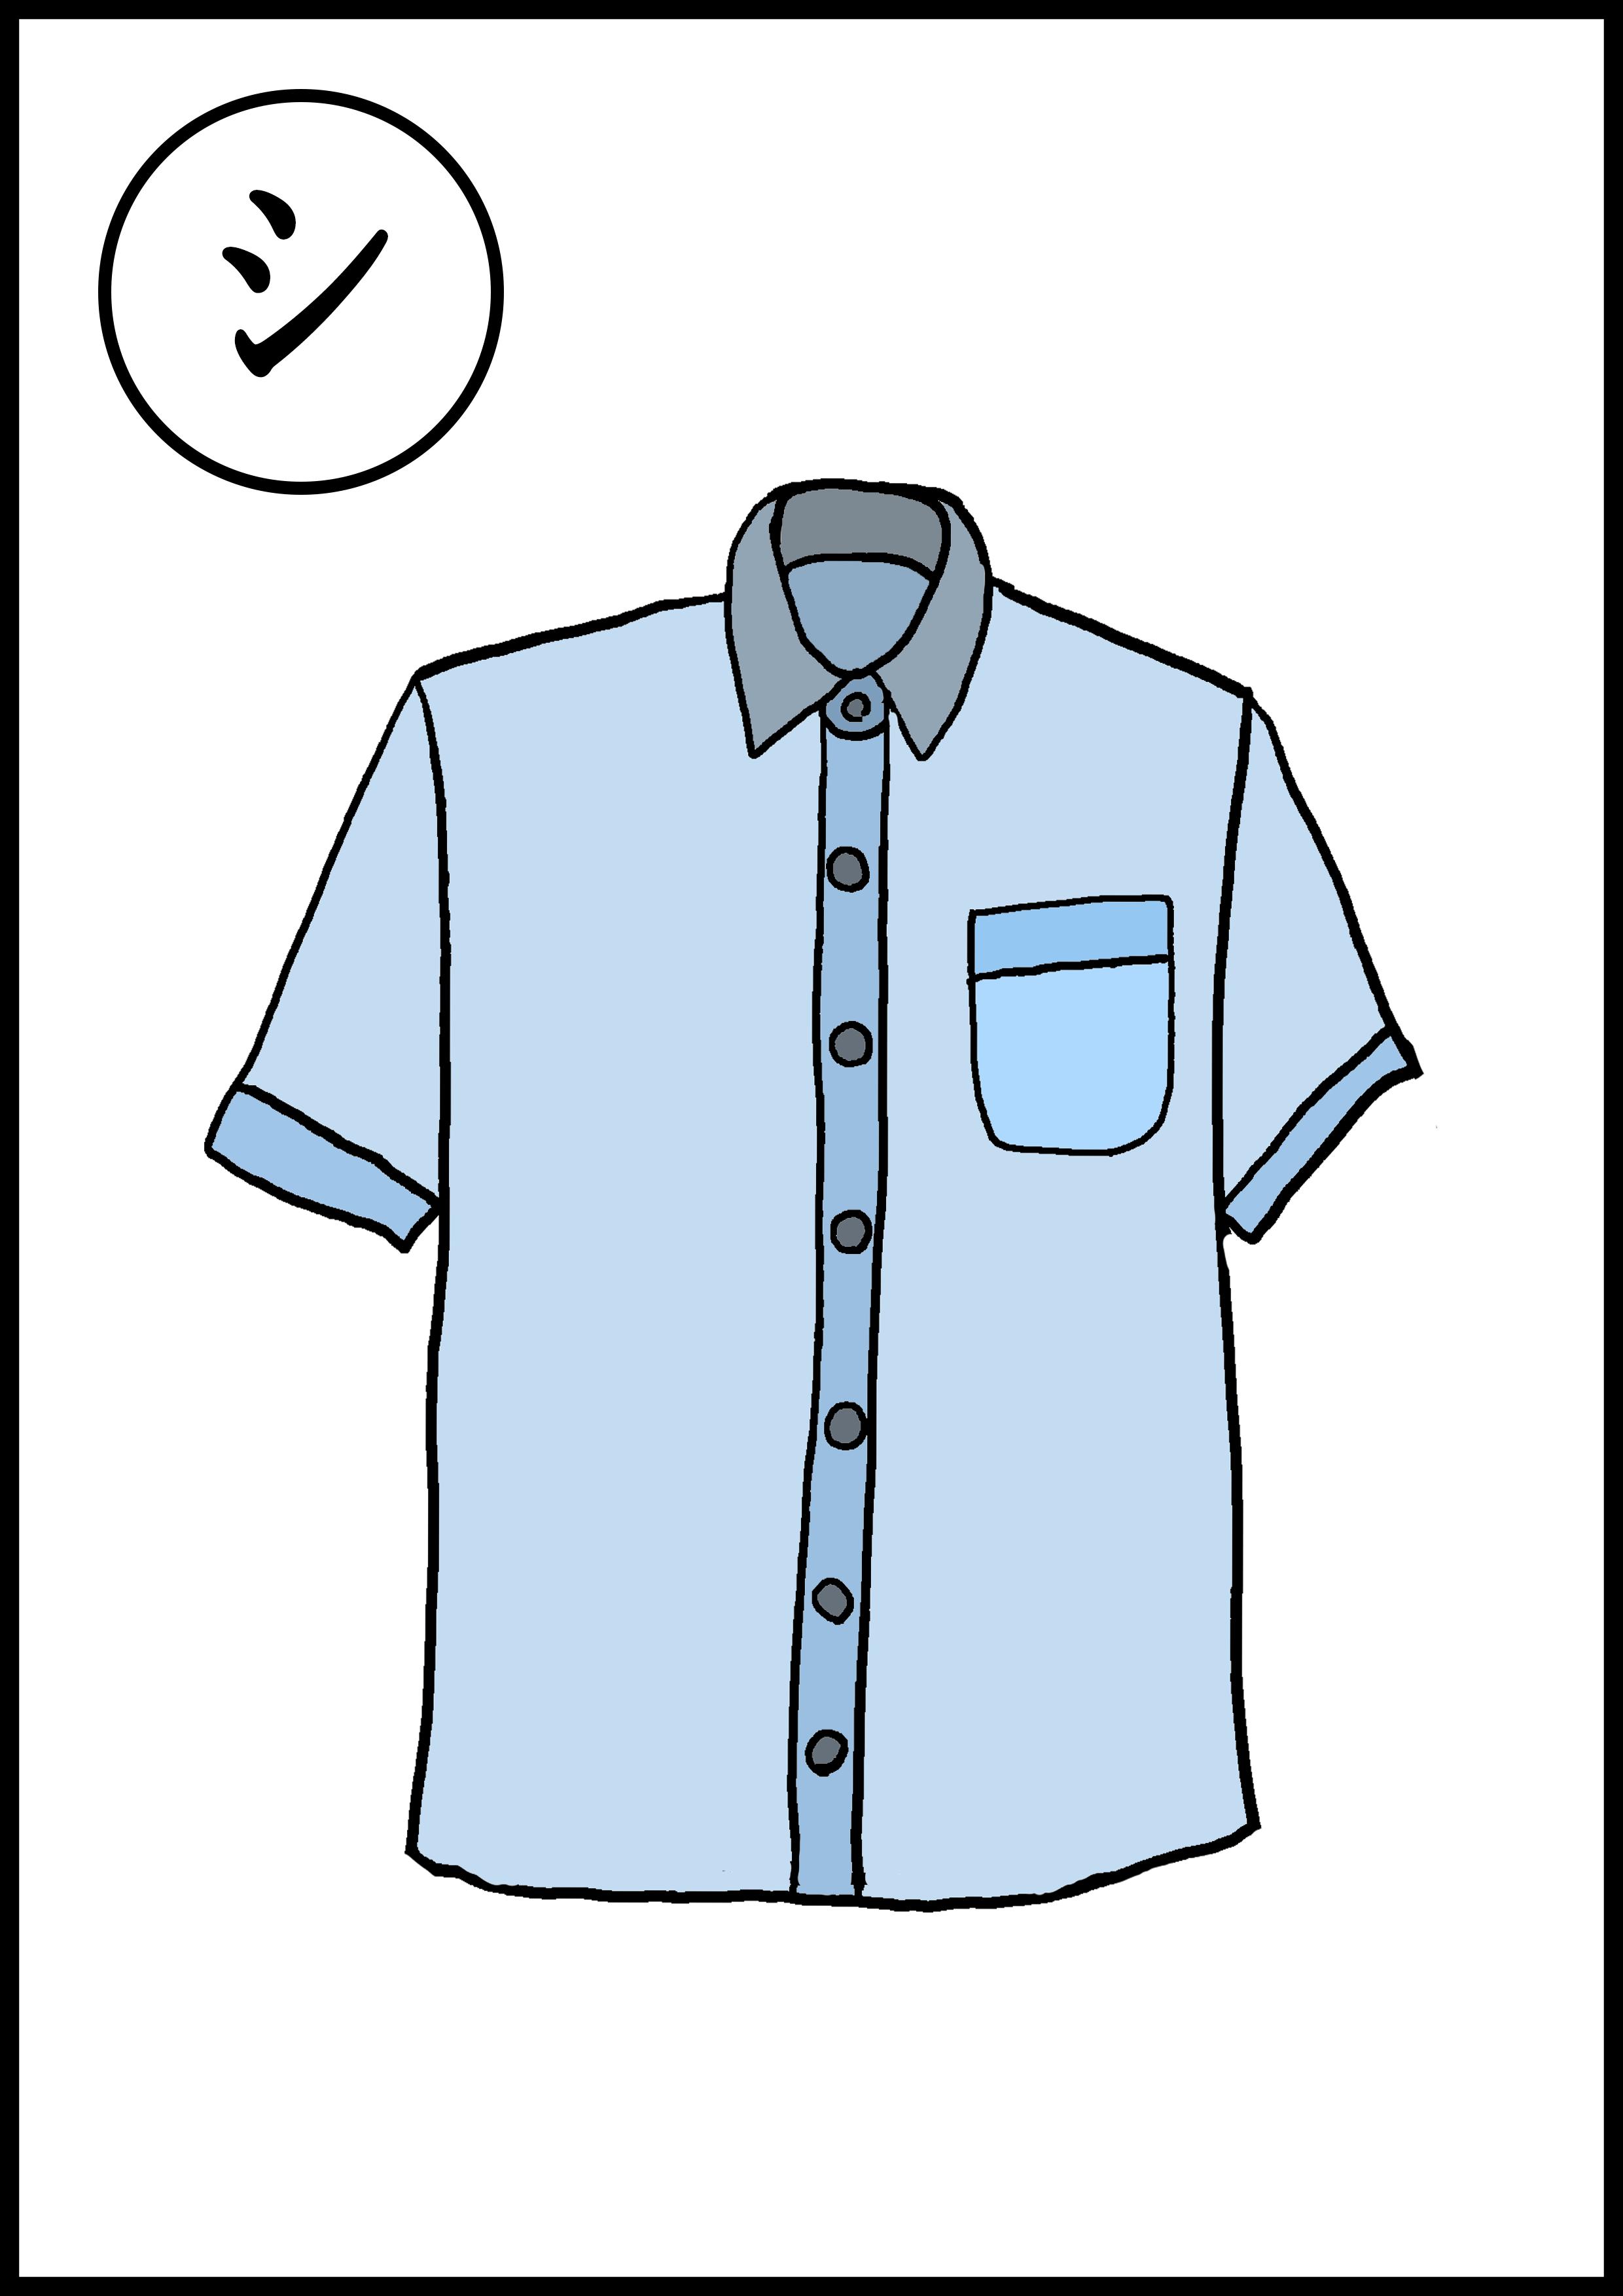 カルタイラスト【シャツ】